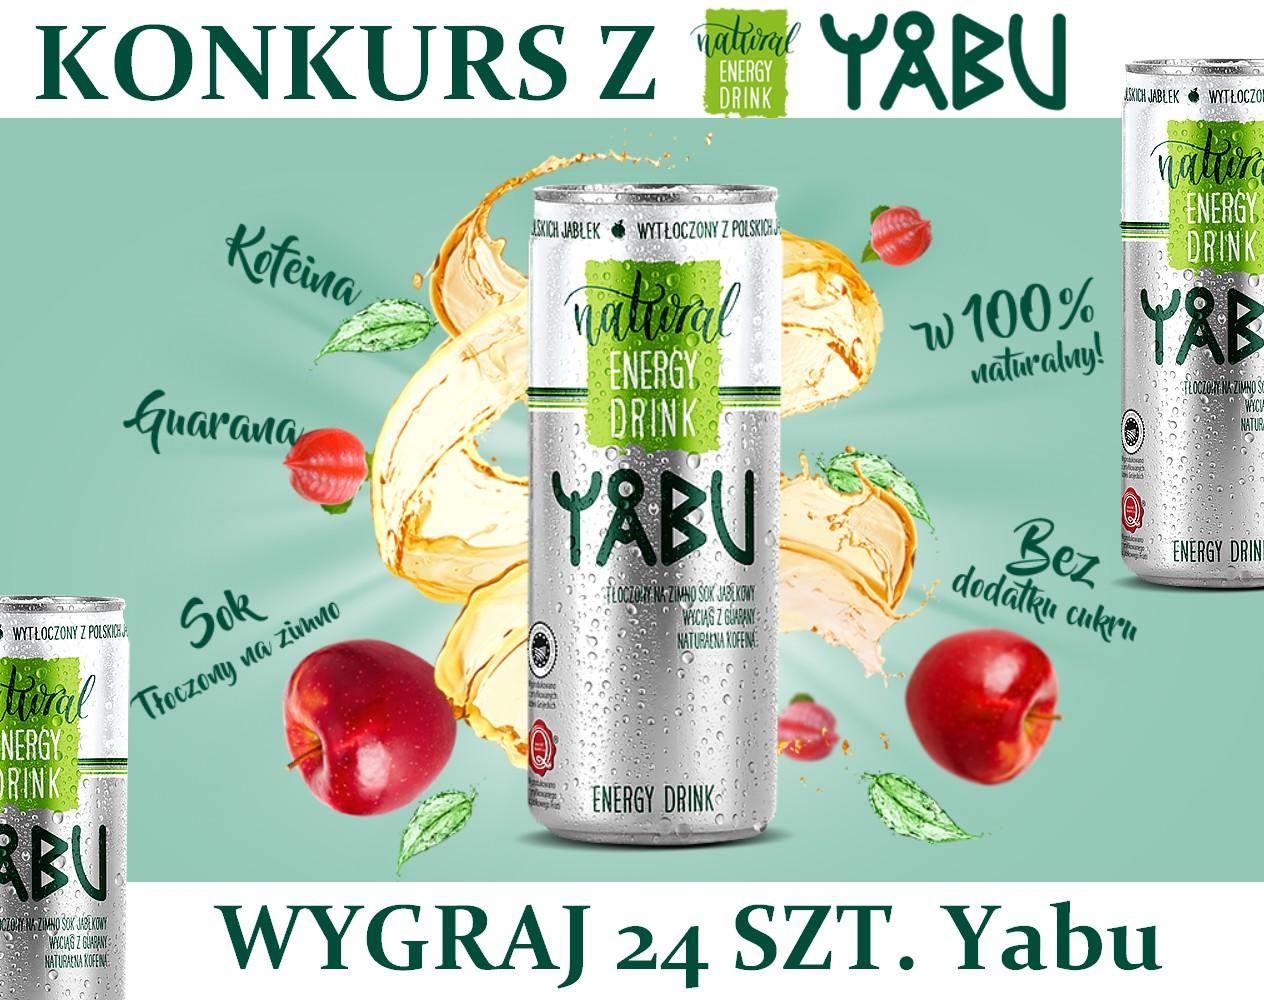 Wygraj 24 szt. Yabu Energy Drink - Yabukowa energia z natury